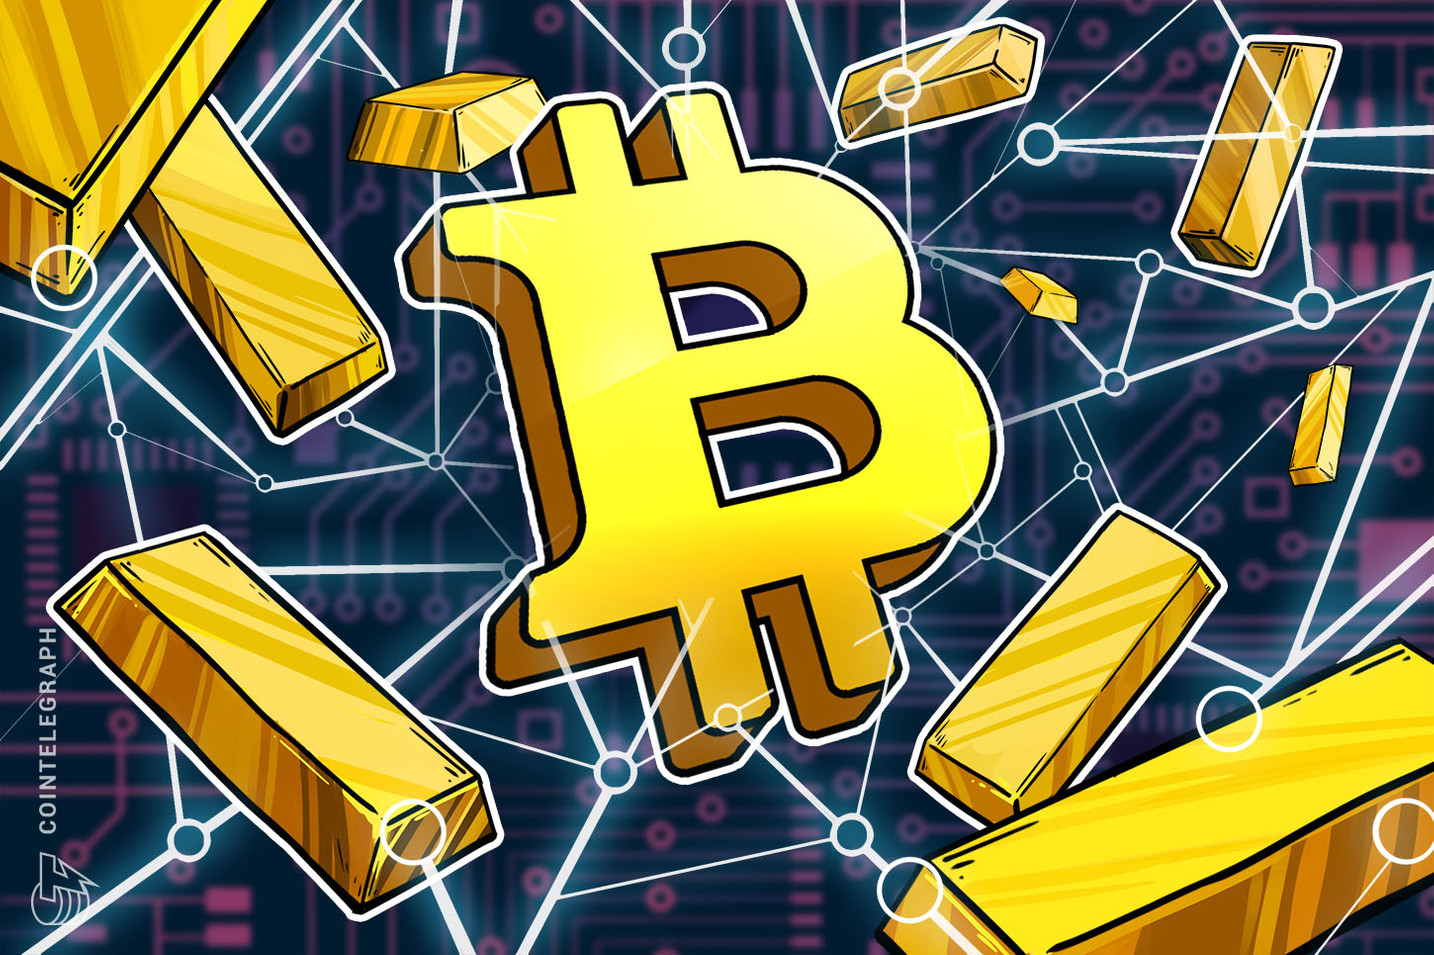 Ünlü Milyarder Enflasyondan Korunmak için Bitcoin Alıyor